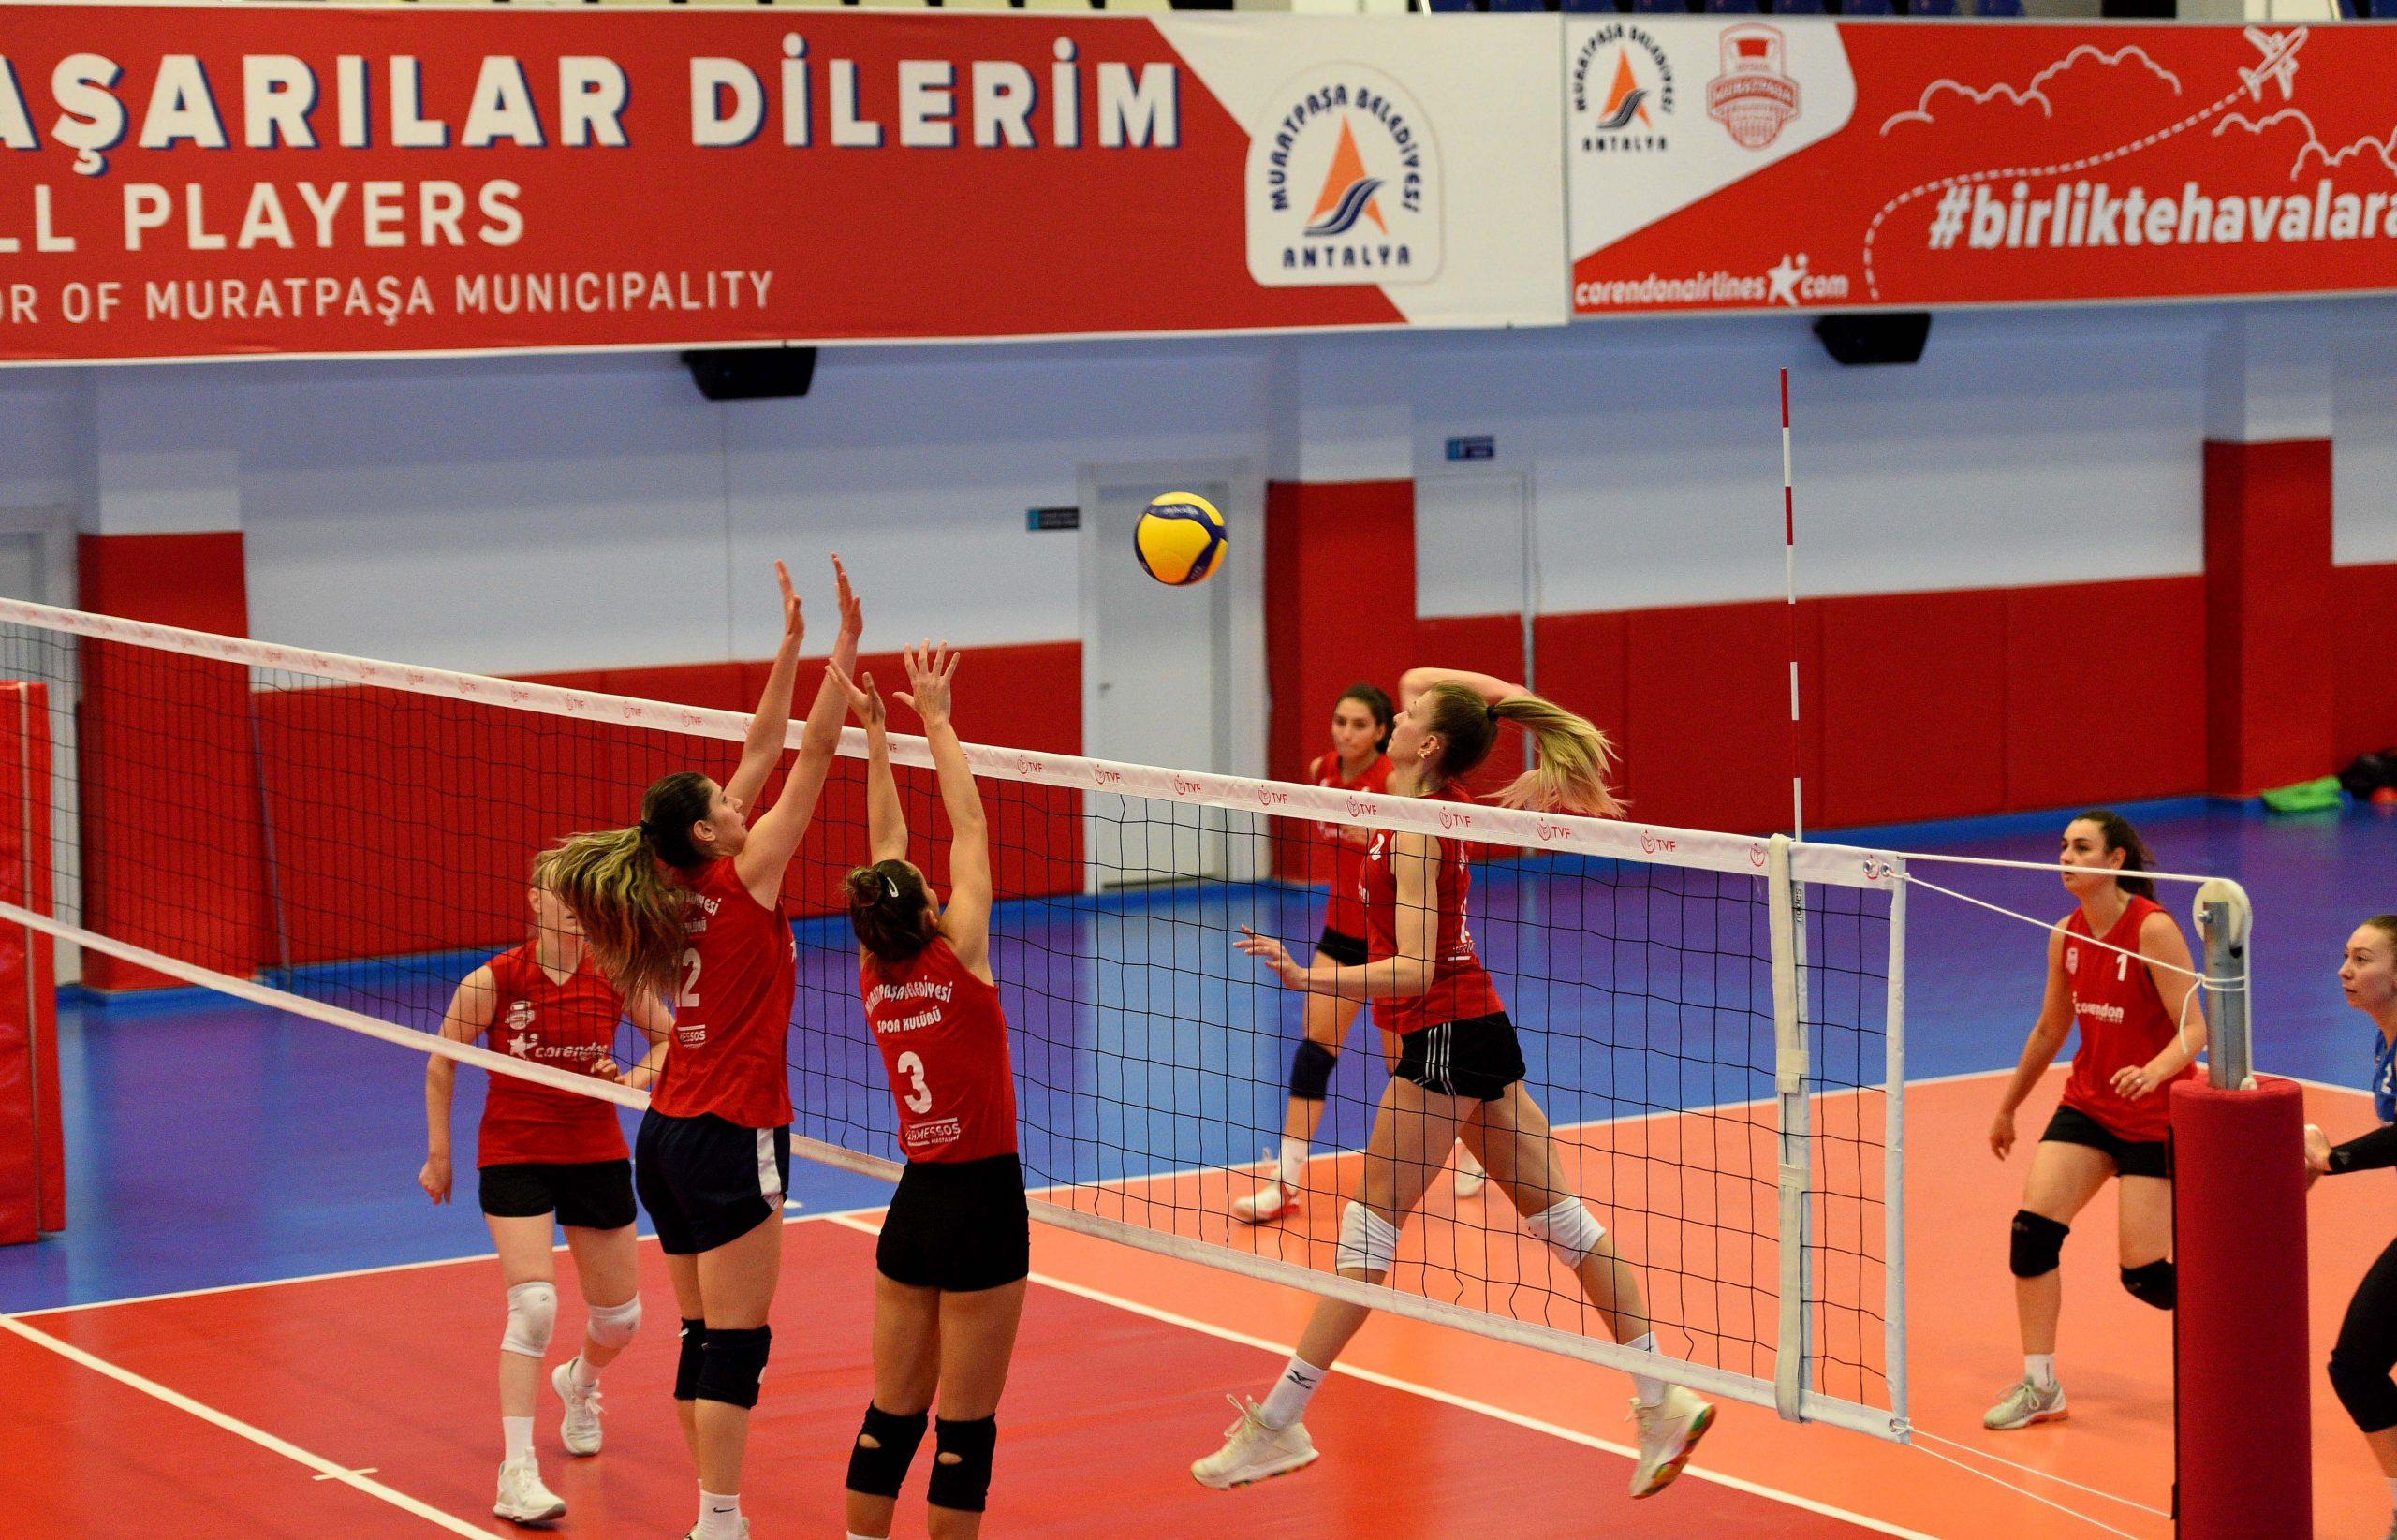 Paşa'nın sultanları, Fenerbahçe Terrazzo'yla karşılaşacak